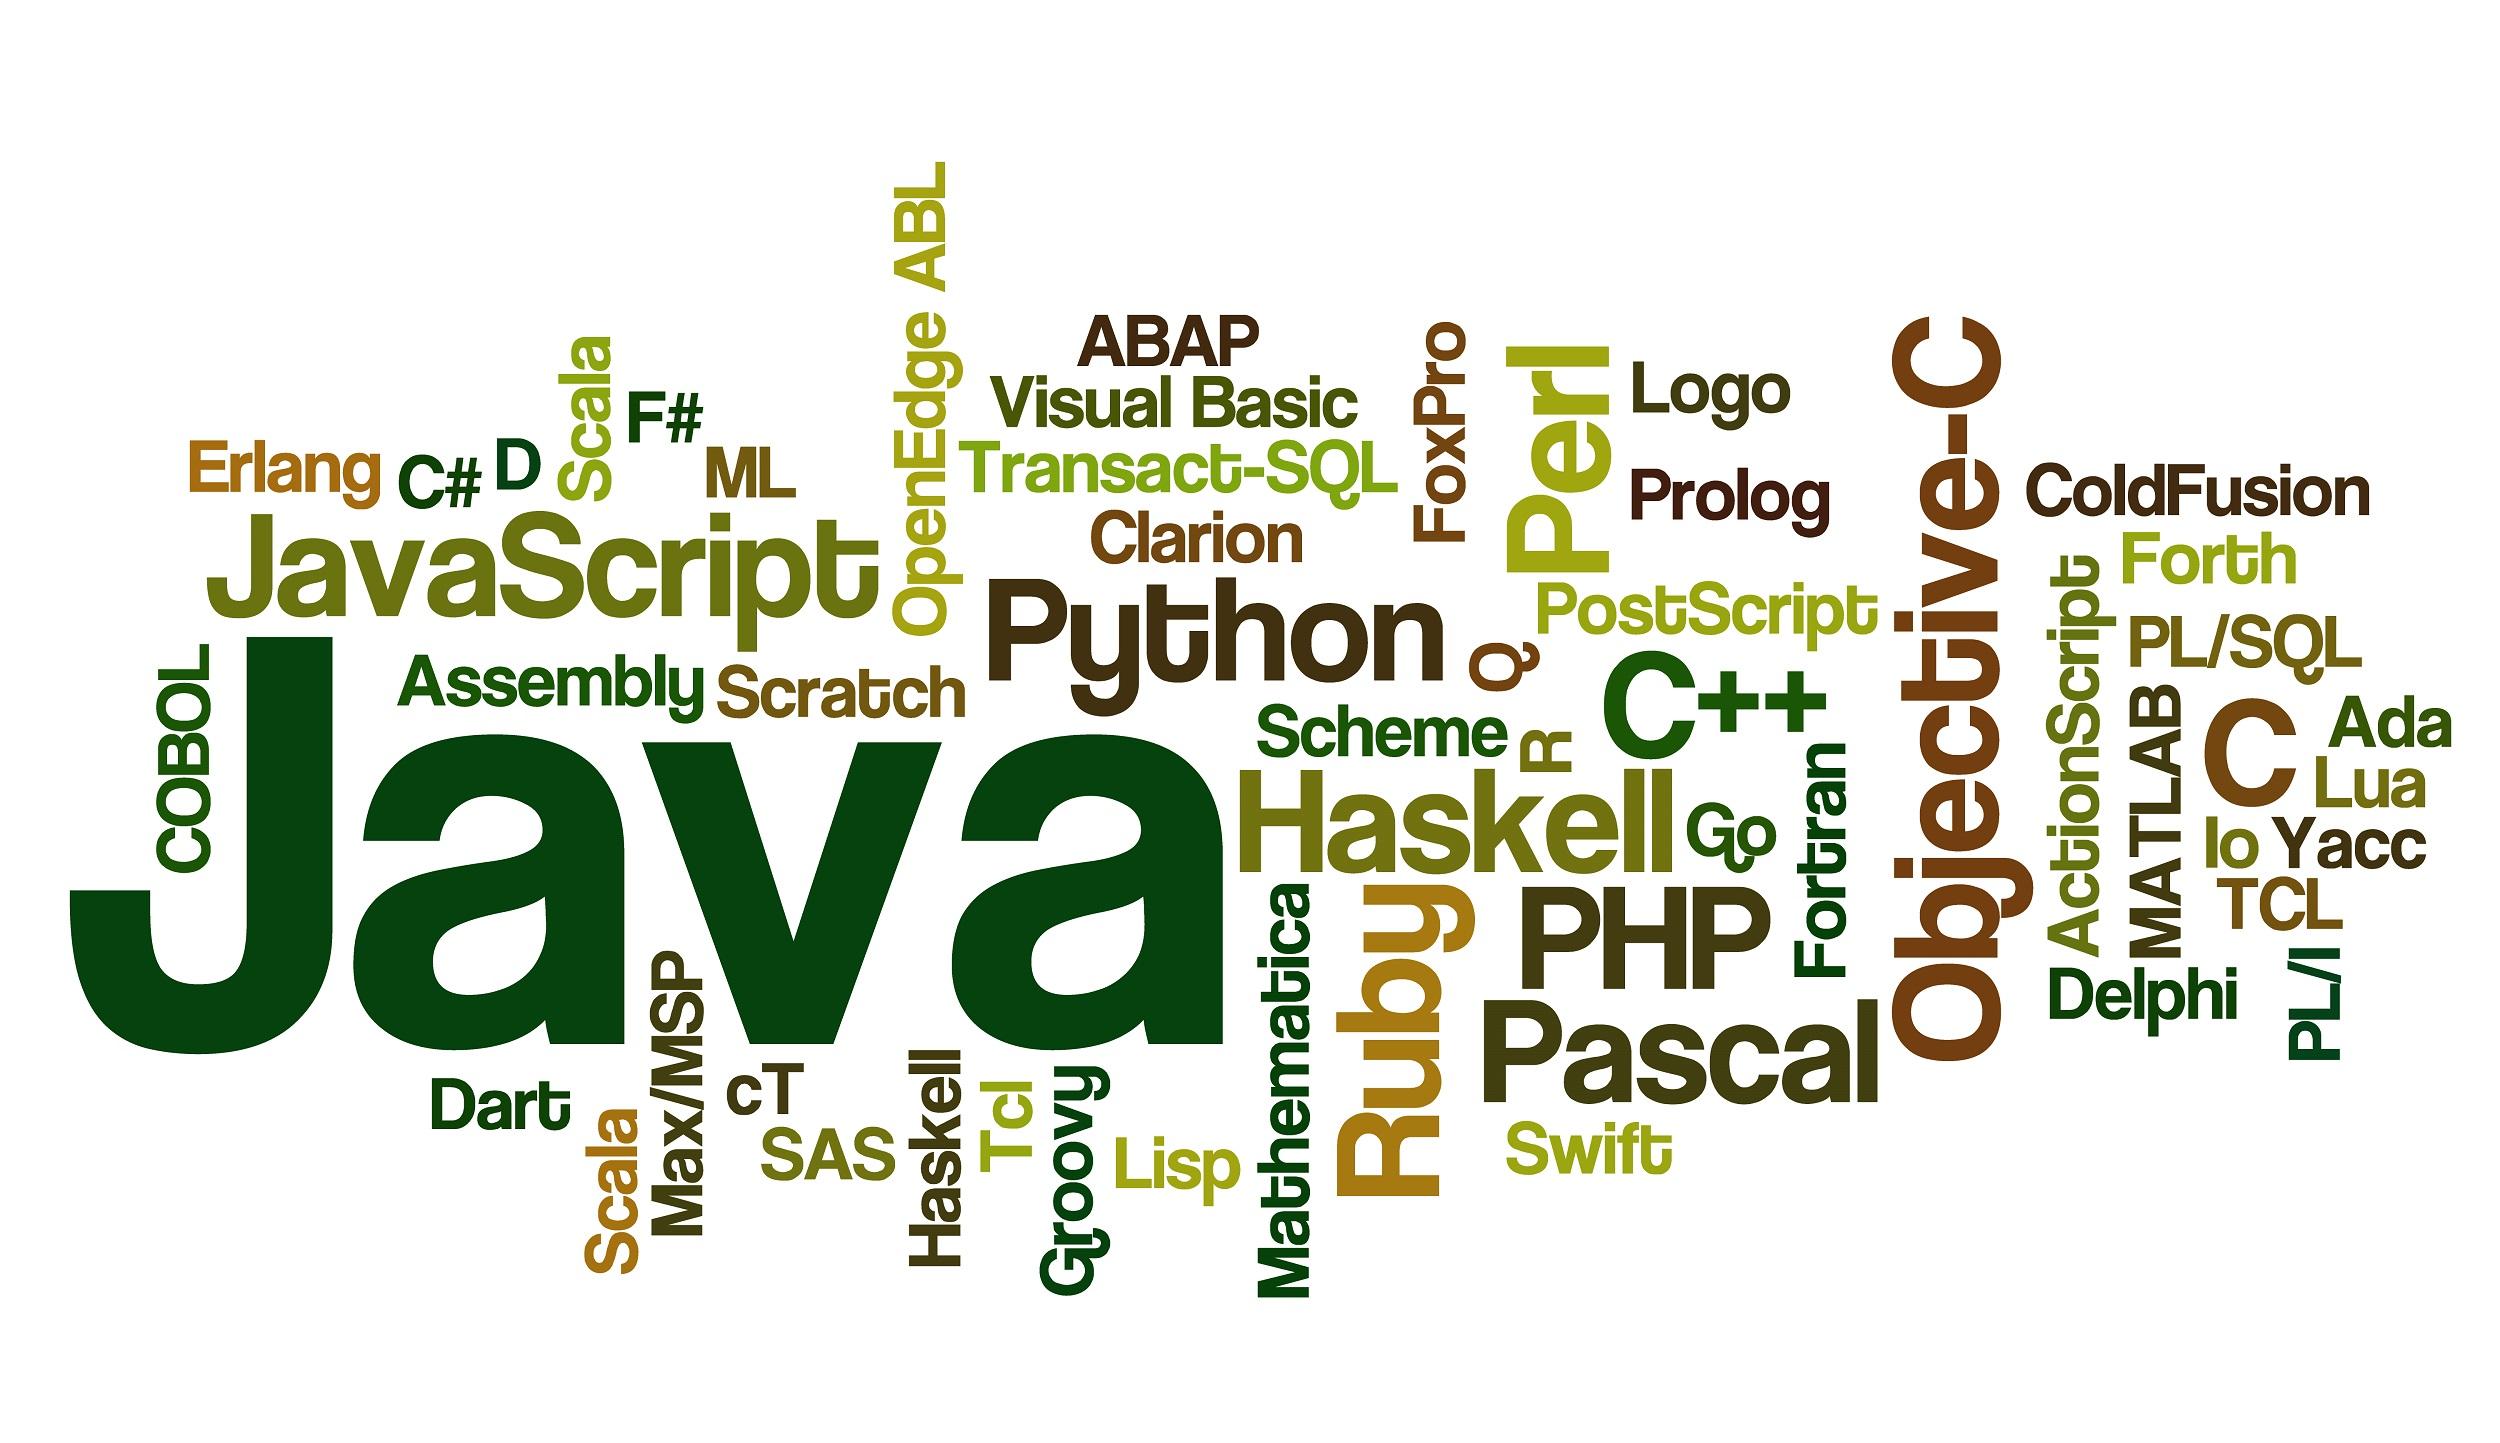 ۸ زبان برتر برنامه نویسی برای طراحی وب سایت در سال ۲۰۱۹